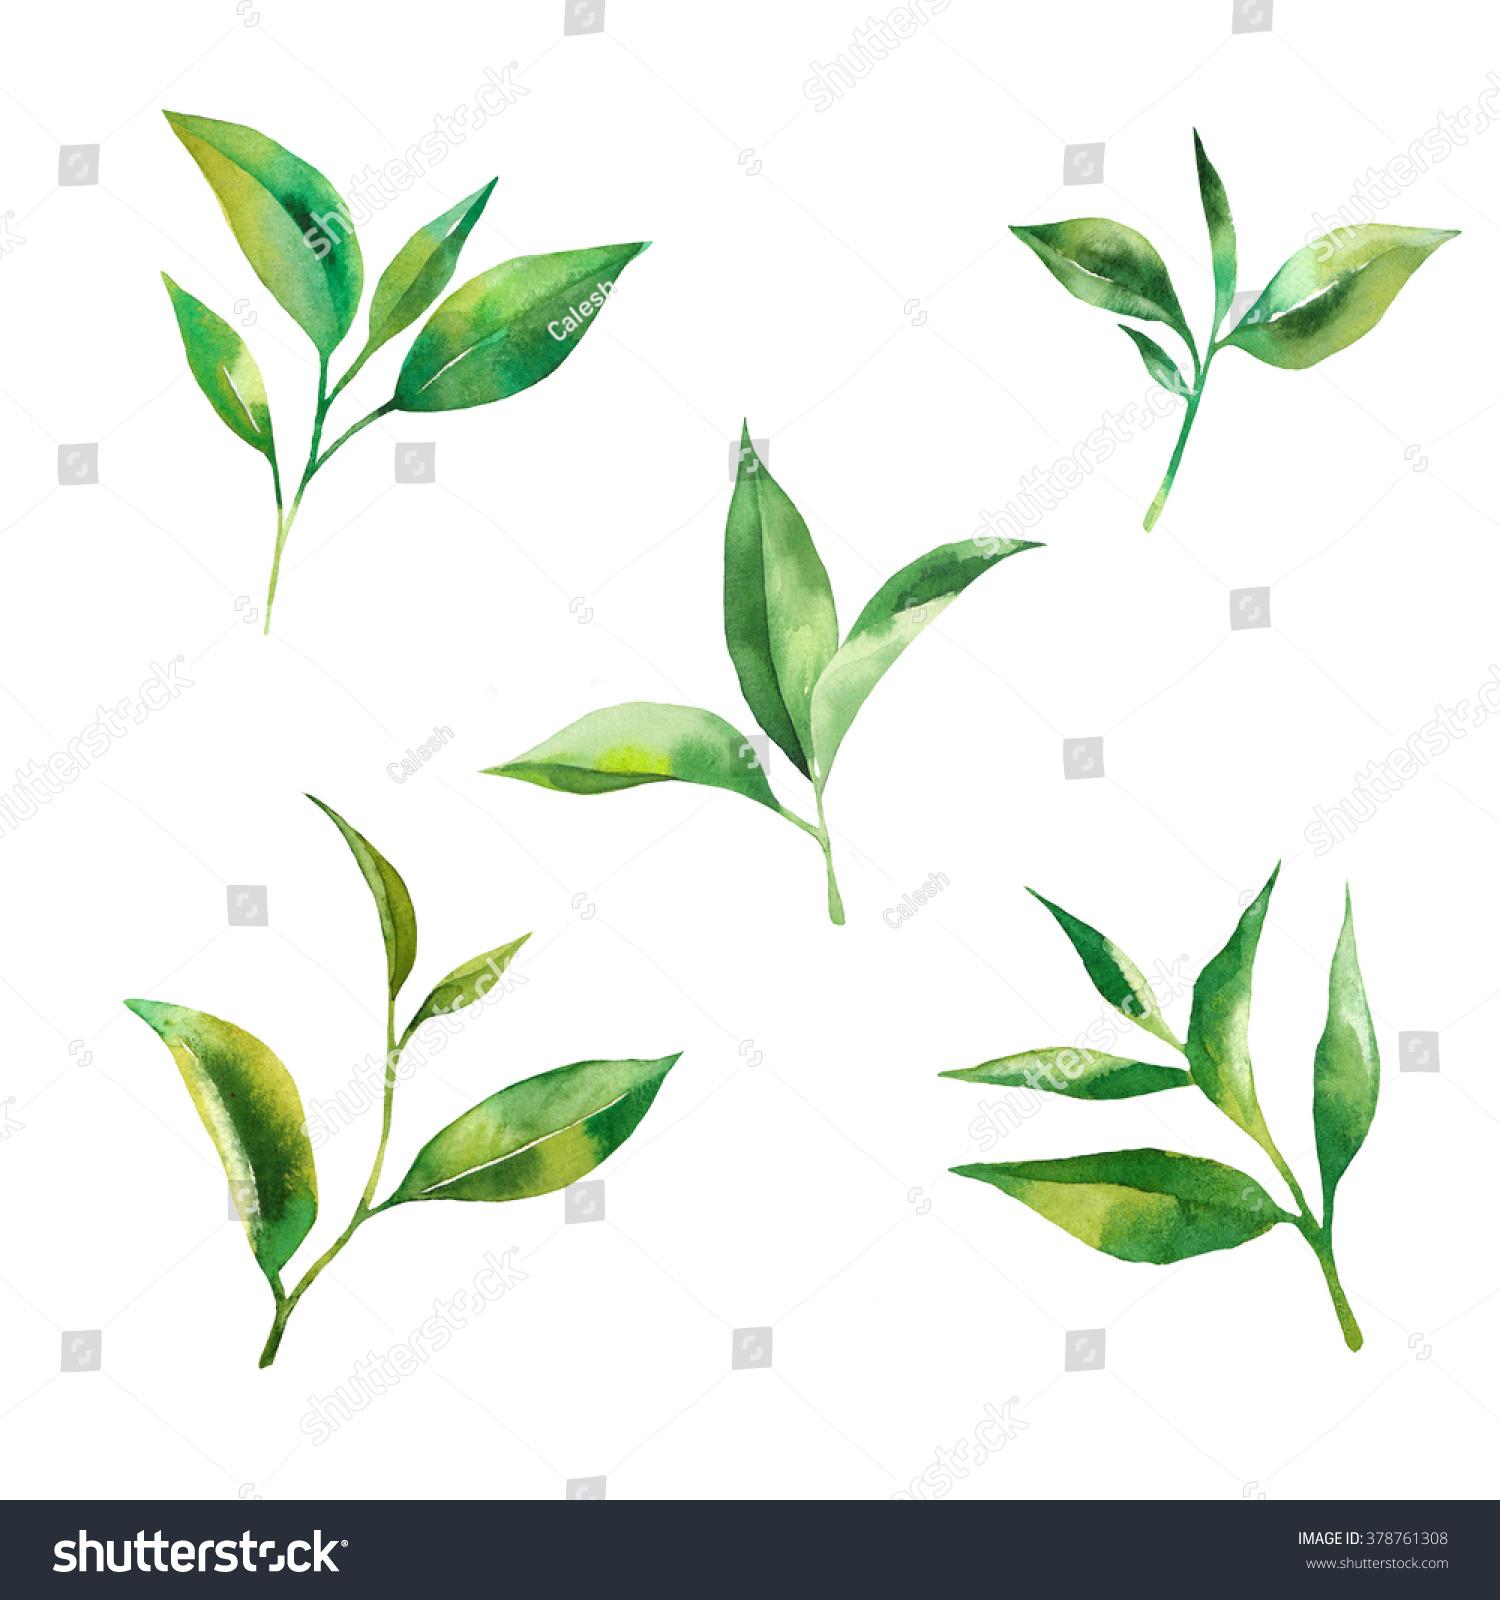 背景 壁纸 绿色 绿叶 设计 矢量 矢量图 树叶 素材 植物 桌面 1500